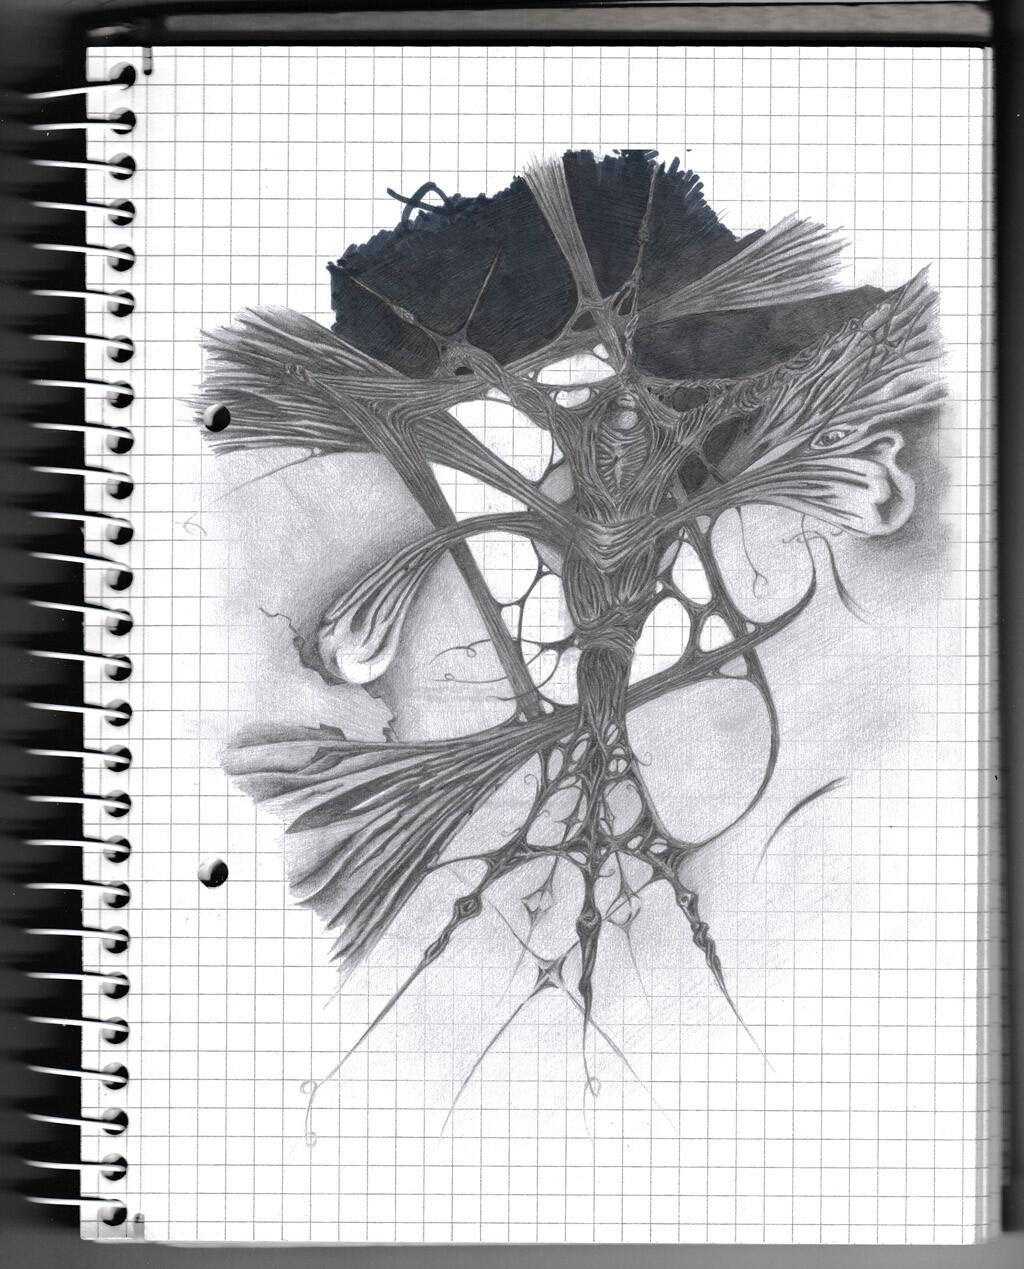 character, sketch, pencil, monster, creature, psychodelic,